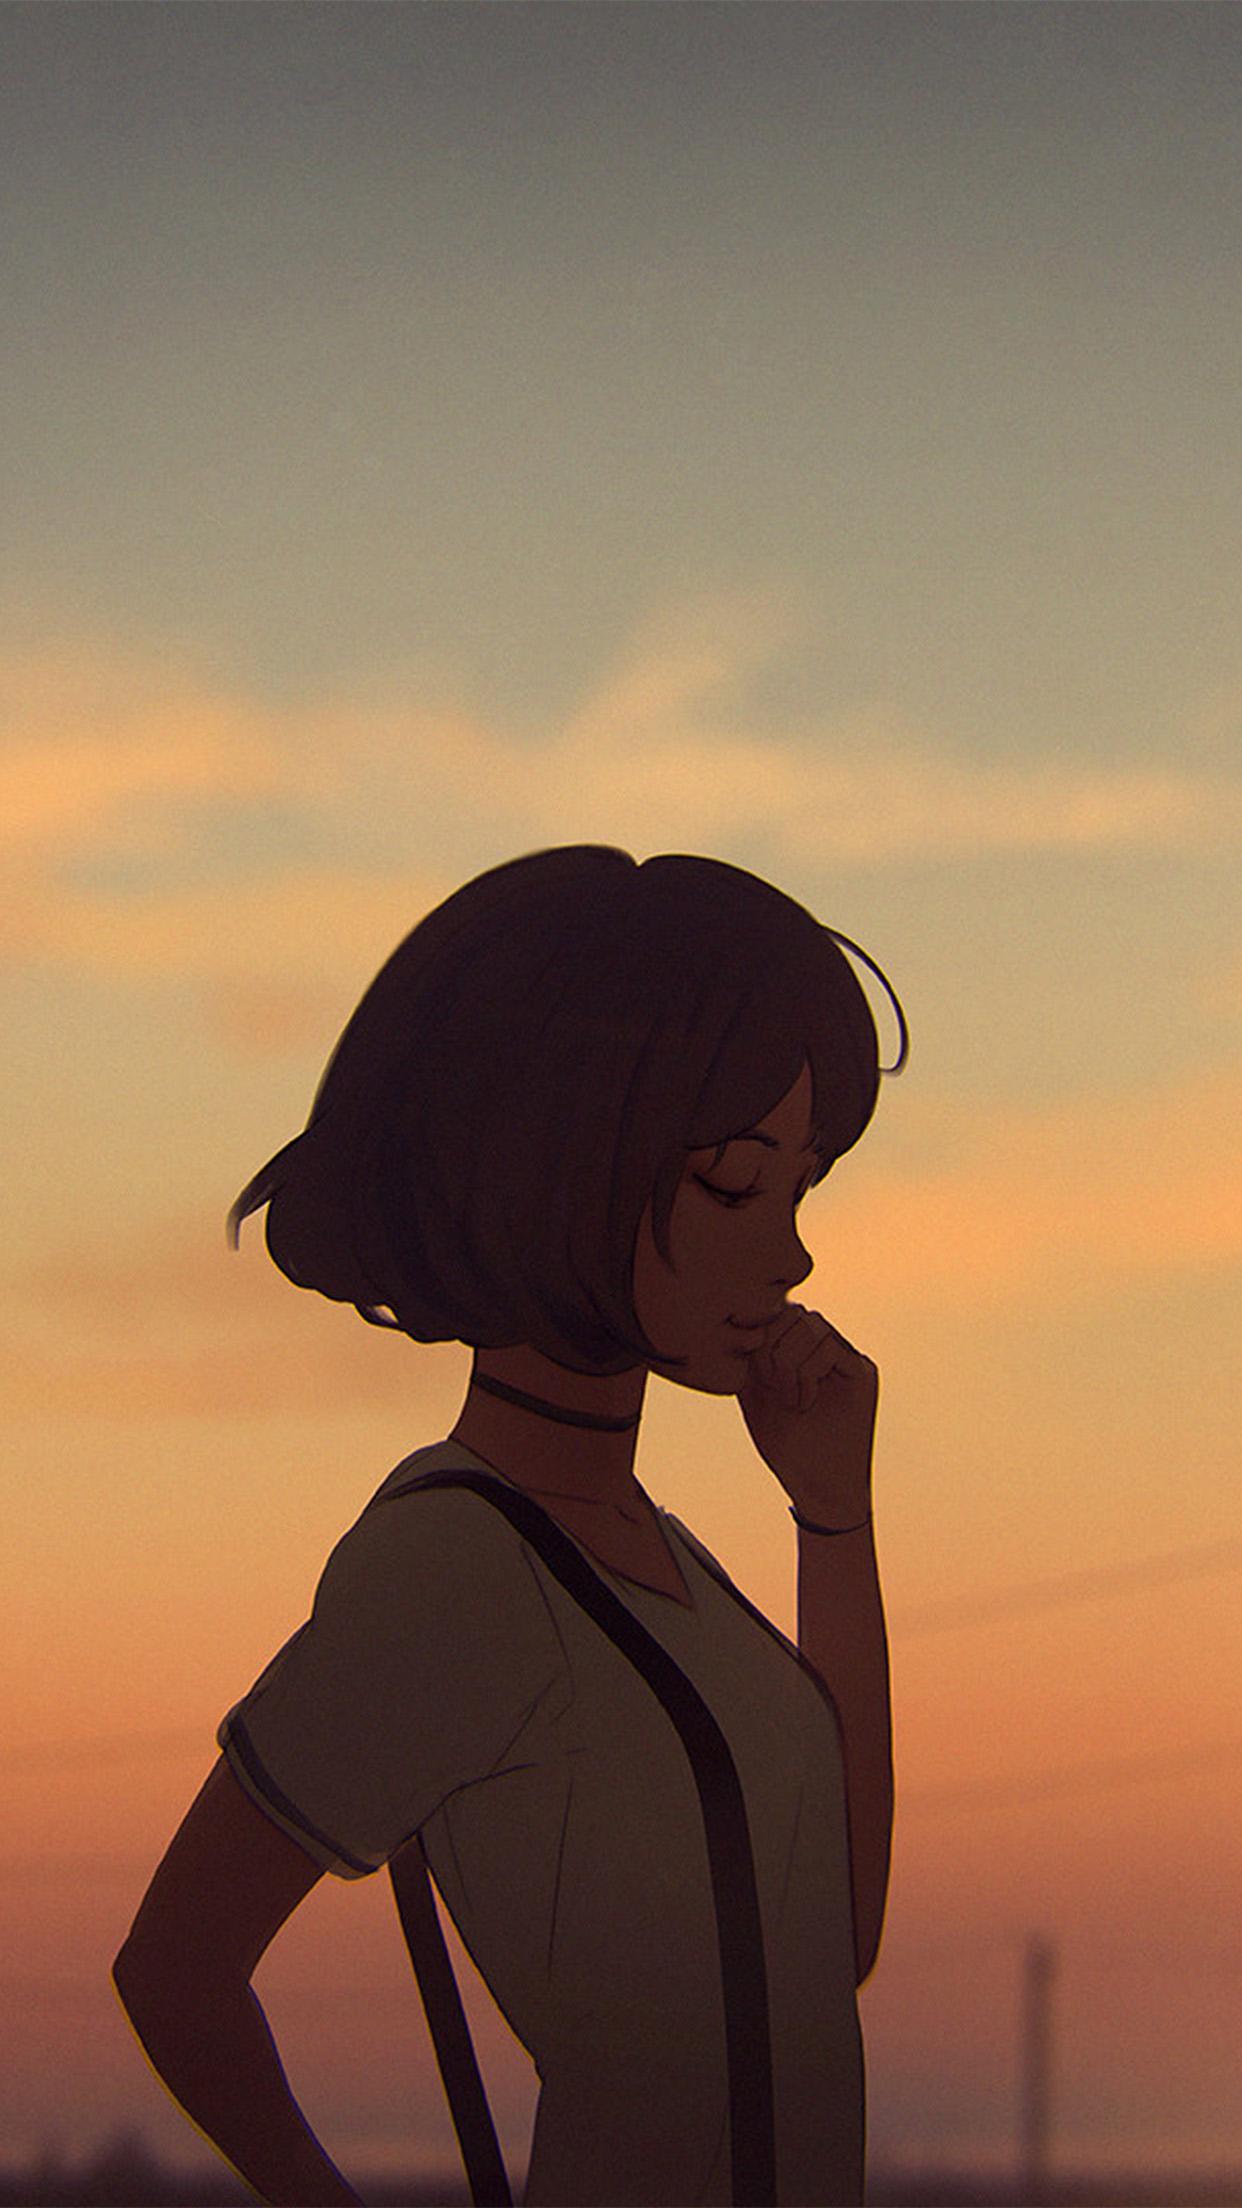 ba74-girl-illust-anime-illustration-art